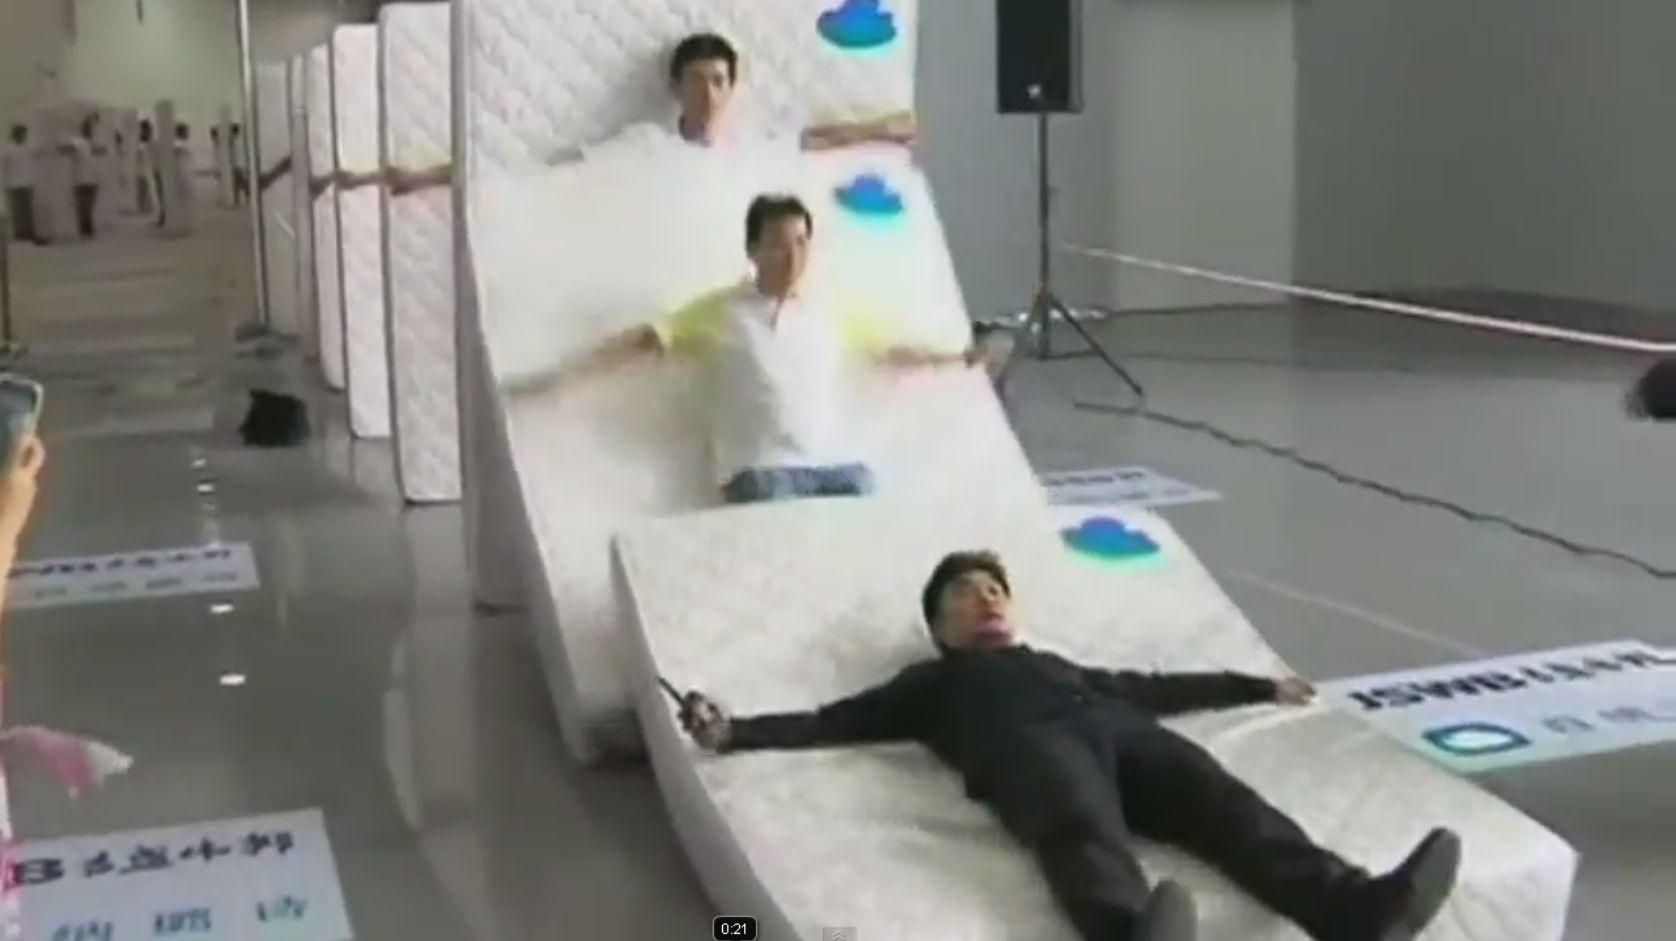 Record mondial stabilit de 1001 chinezi pentru cel mai mare domino cu saltele. VIDEO